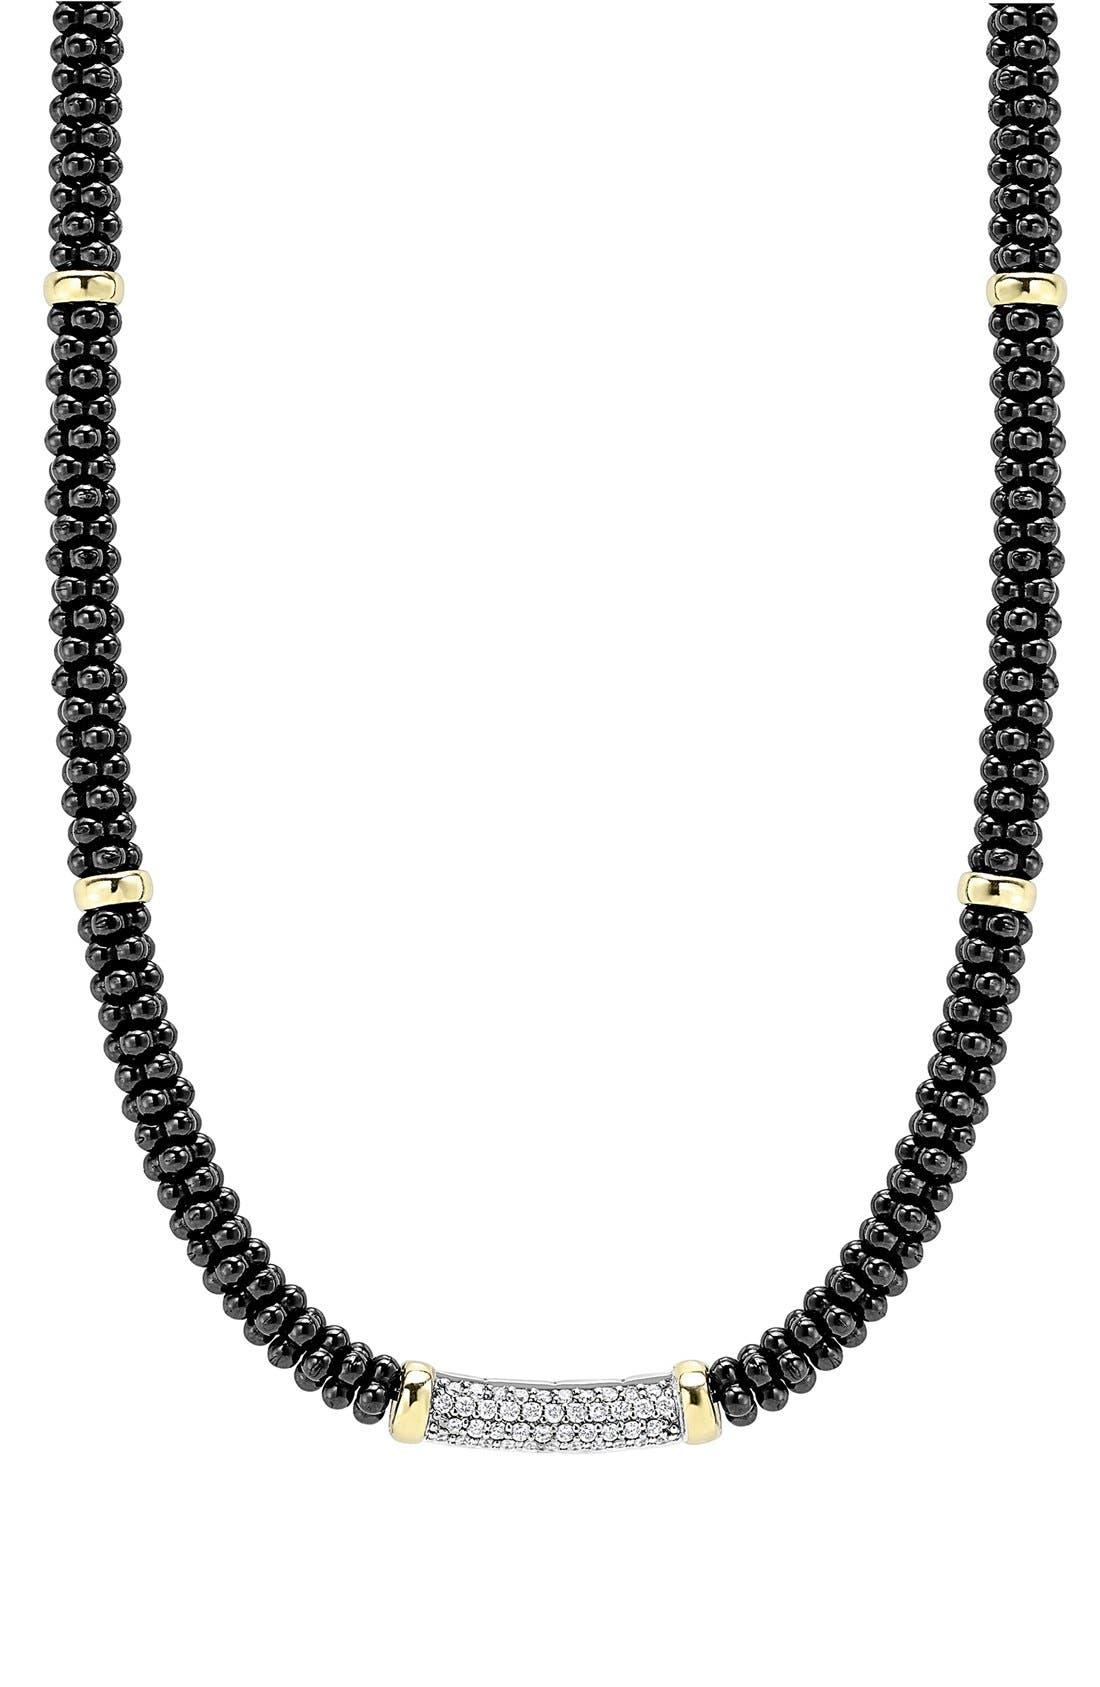 Main Image - LAGOS 'Black Caviar' 5mm Beaded DiamondBar Necklace